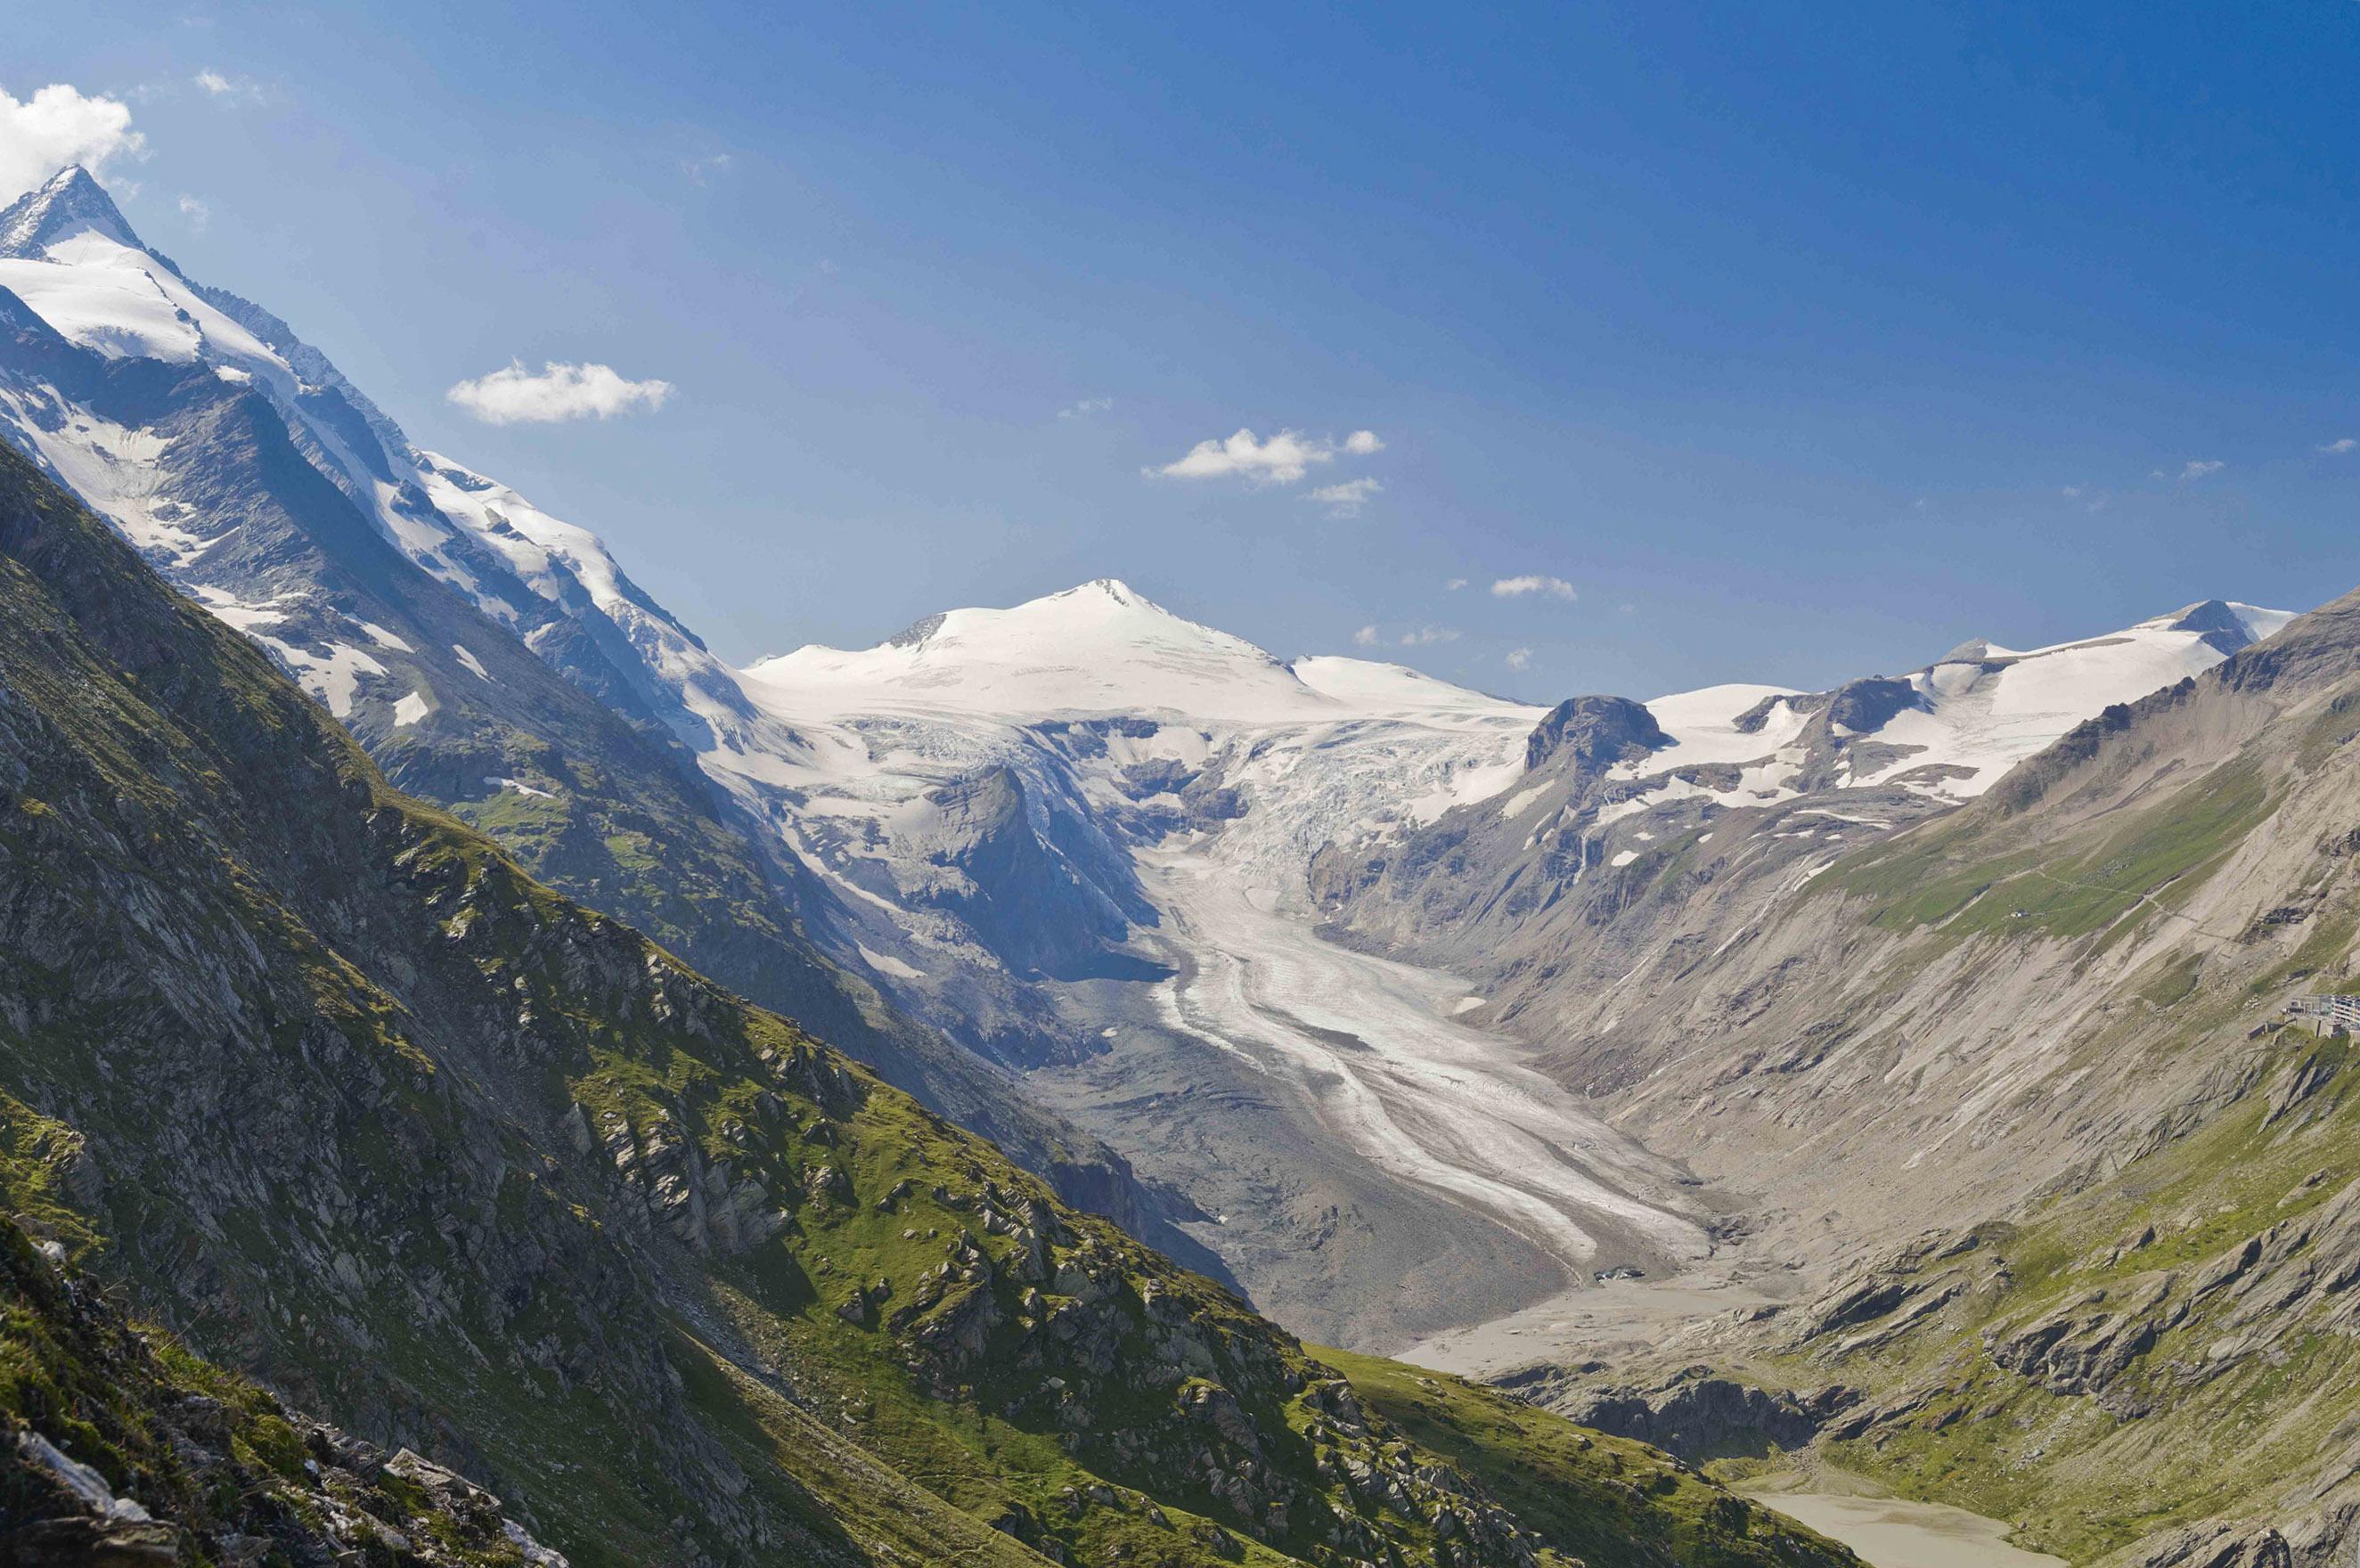 Pasterze 2012: eine in die umgebende Bergwelt tief eingesunkene Gletscherzunge Foto: Alpenverein/N. Freudenthaler, Gletscherbericht 2016